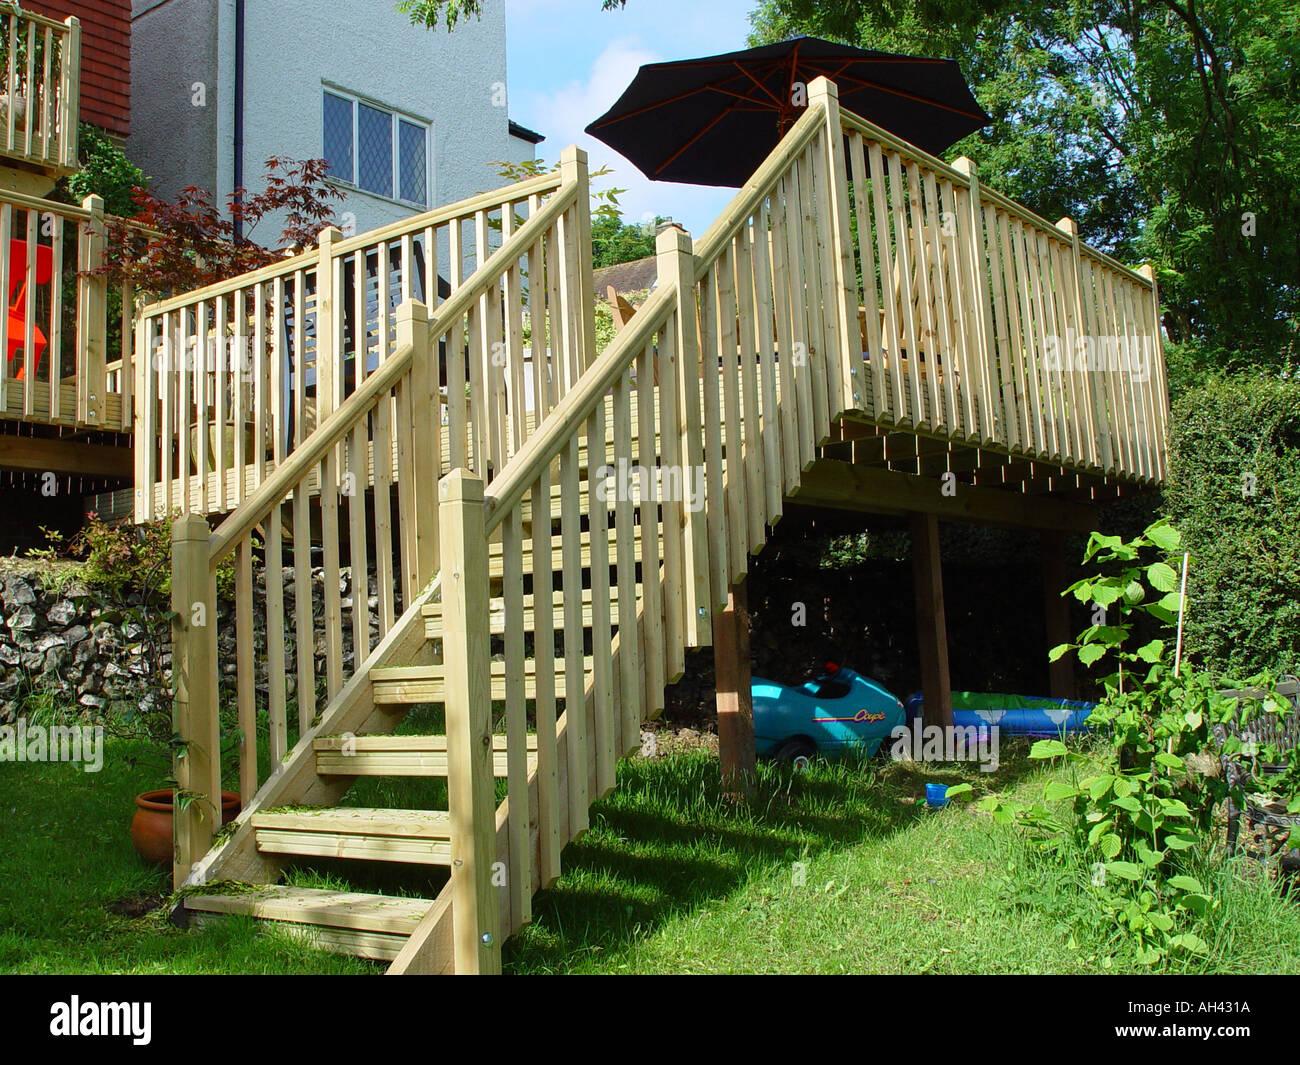 Decking Staircase Construction From Garden Deck Into Garden Includes  Balustrades   Stock Image